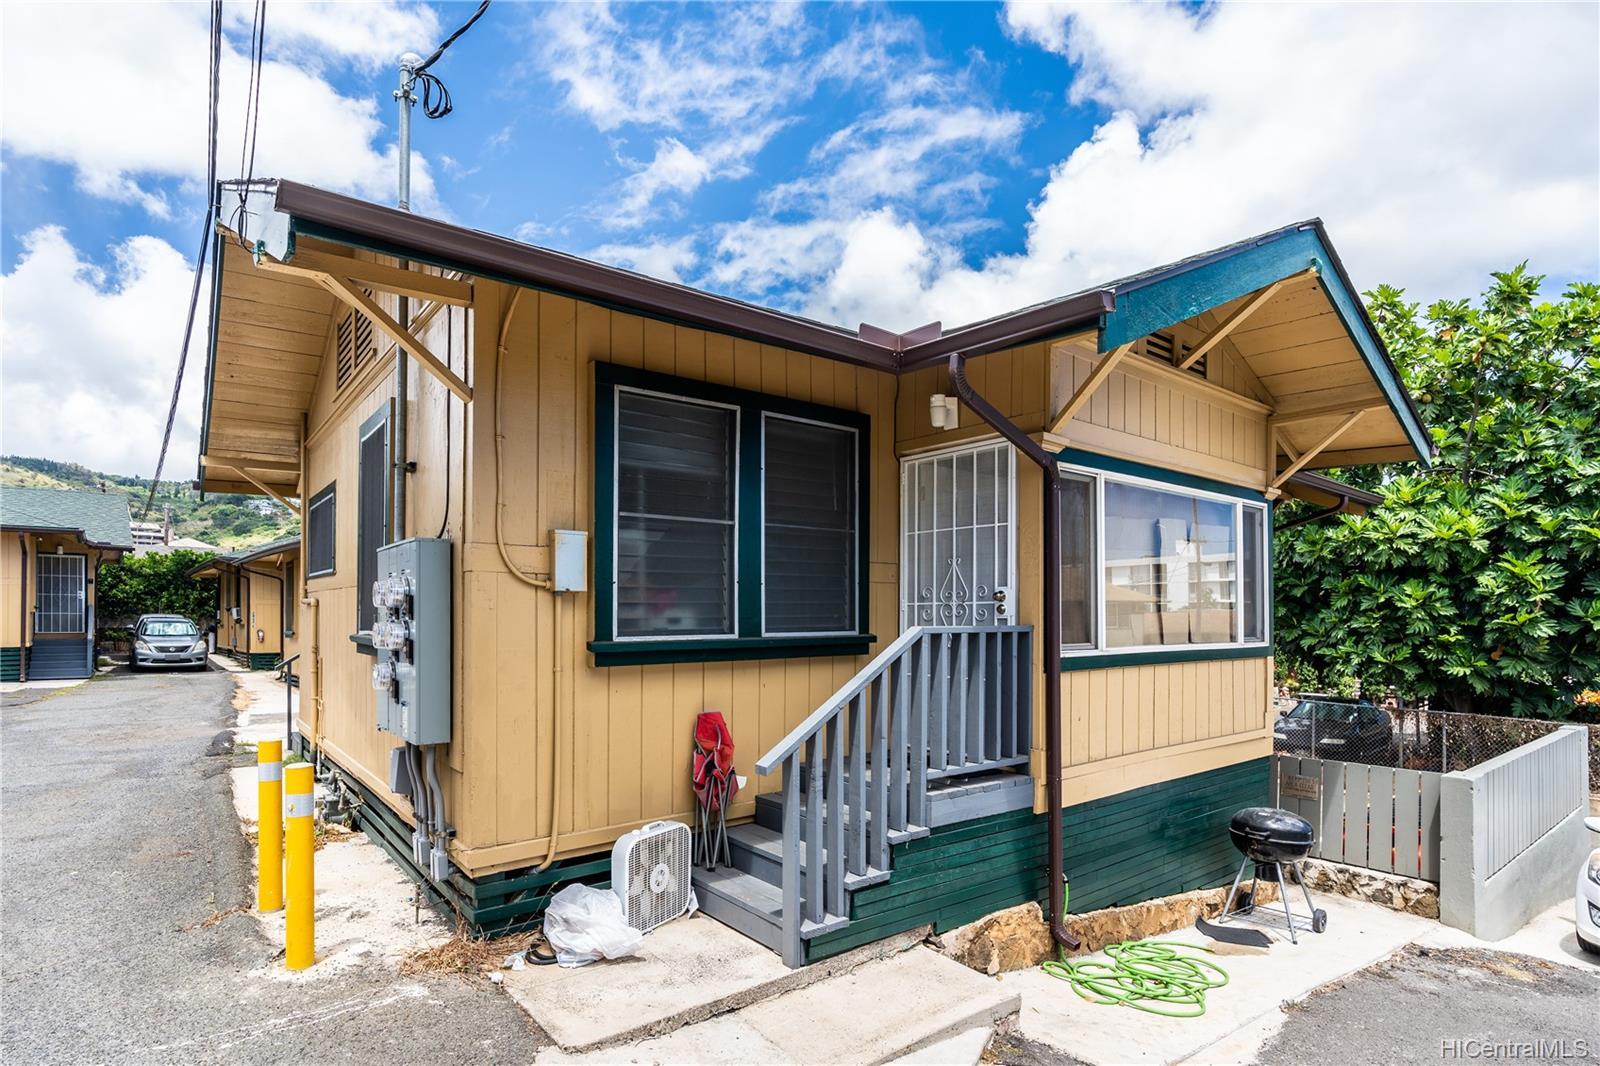 2816 Waialae Ave Honolulu - Multi-family - photo 6 of 21